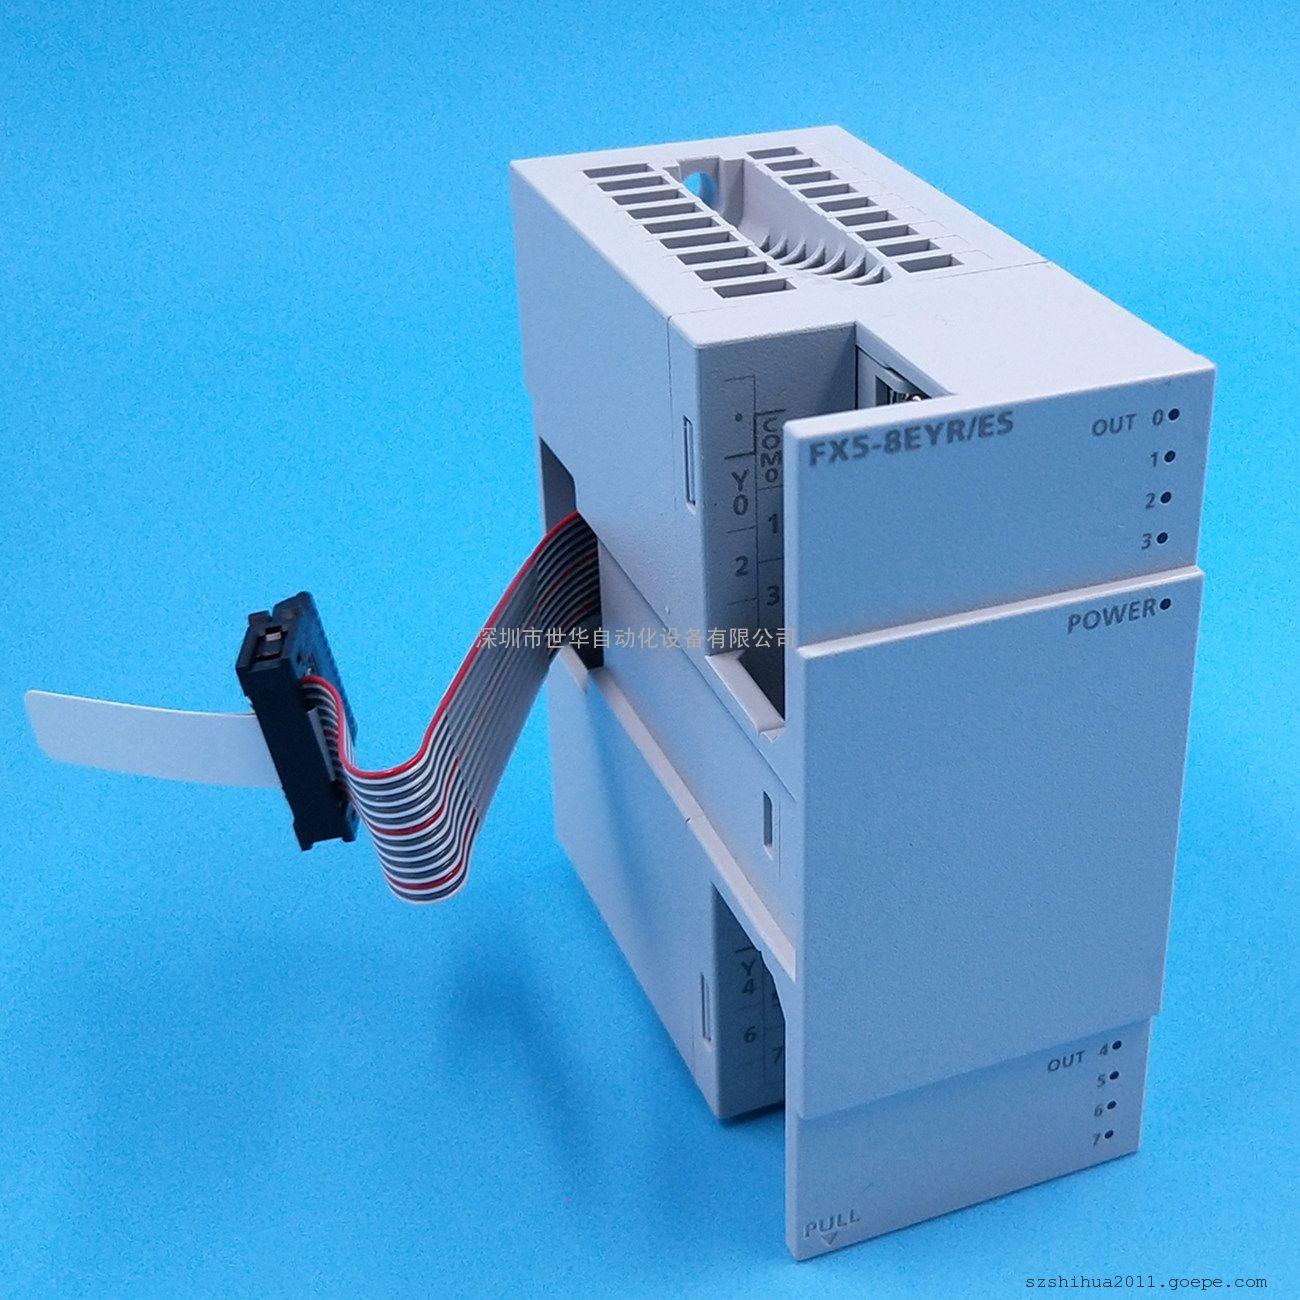 三菱FX5-32ET-ES 输入输出扩展模块